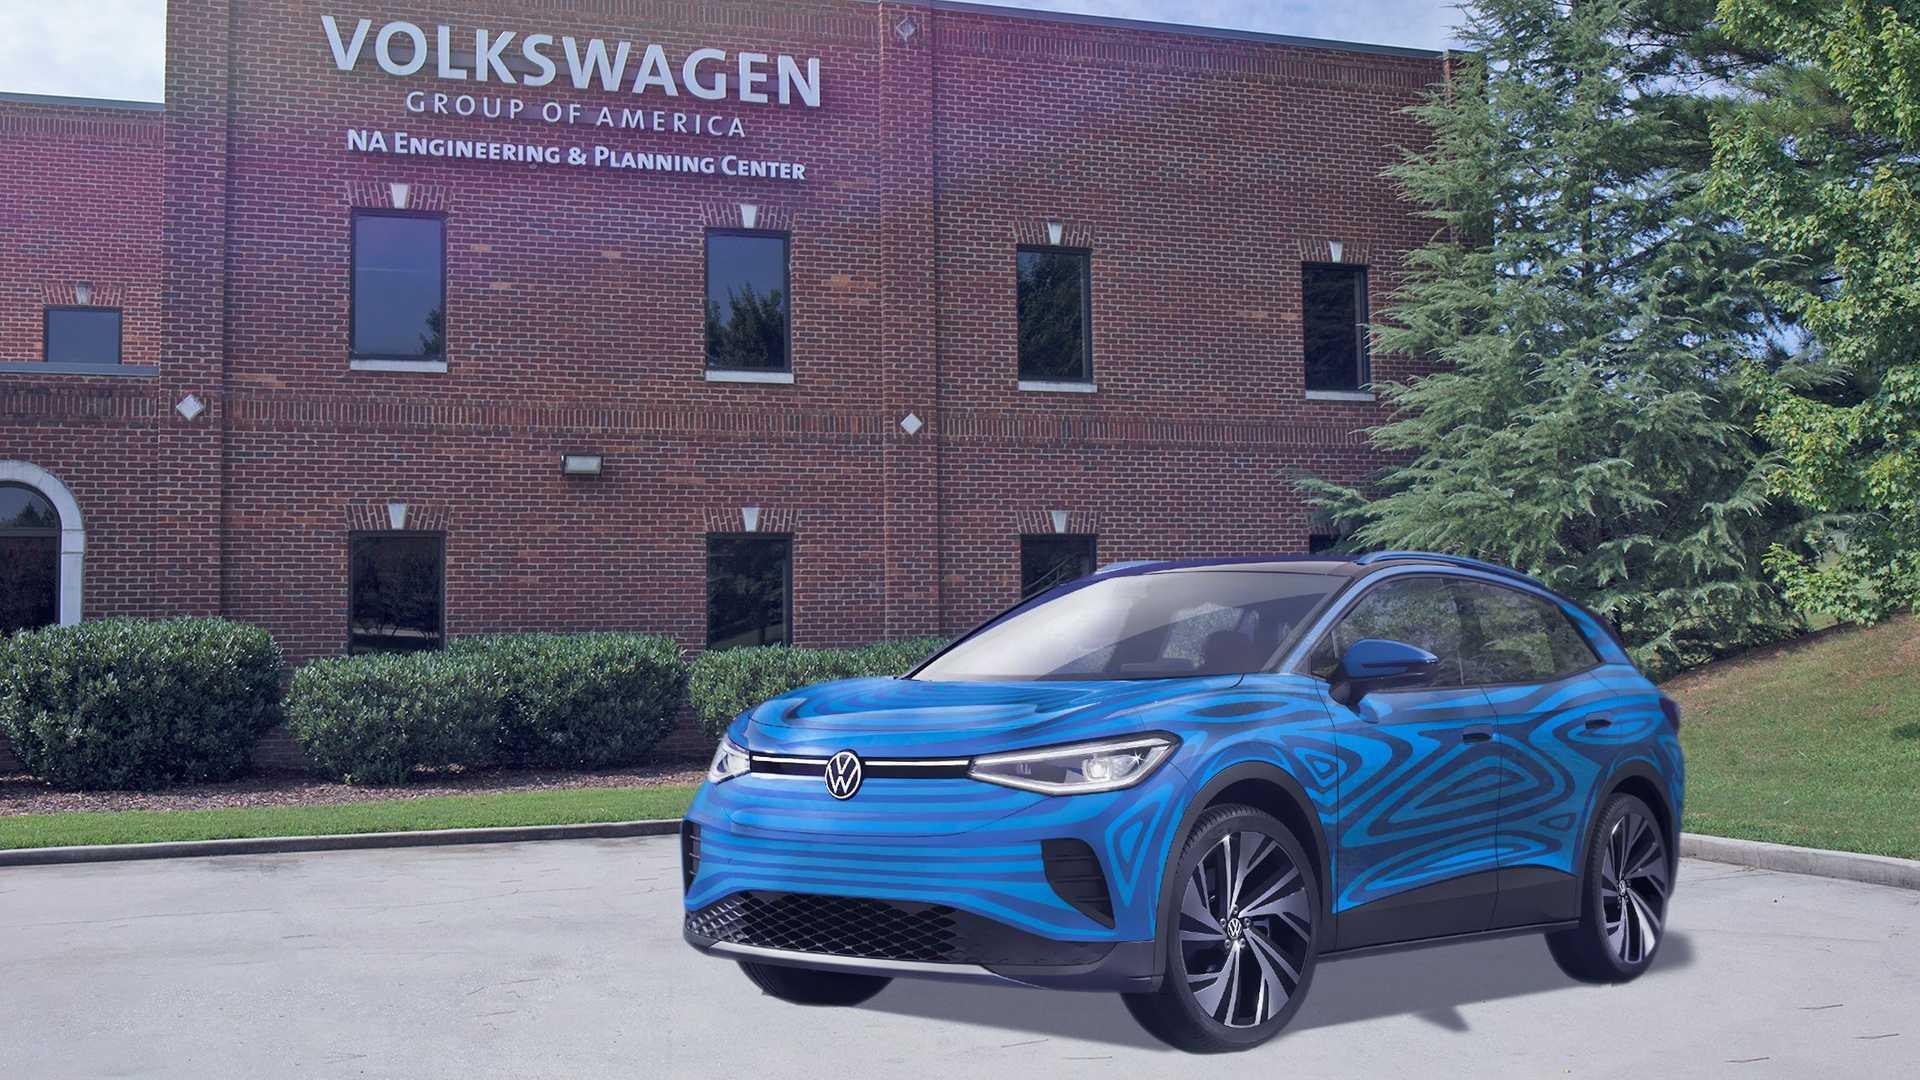 «Фольксваген» собирается масштабно расширить свой завод в американском Чаттануга. Тут будут не только собирать электрокары для США, в том числе ID.4 (на видео), но и новые тяговые батареи с элементами питания.